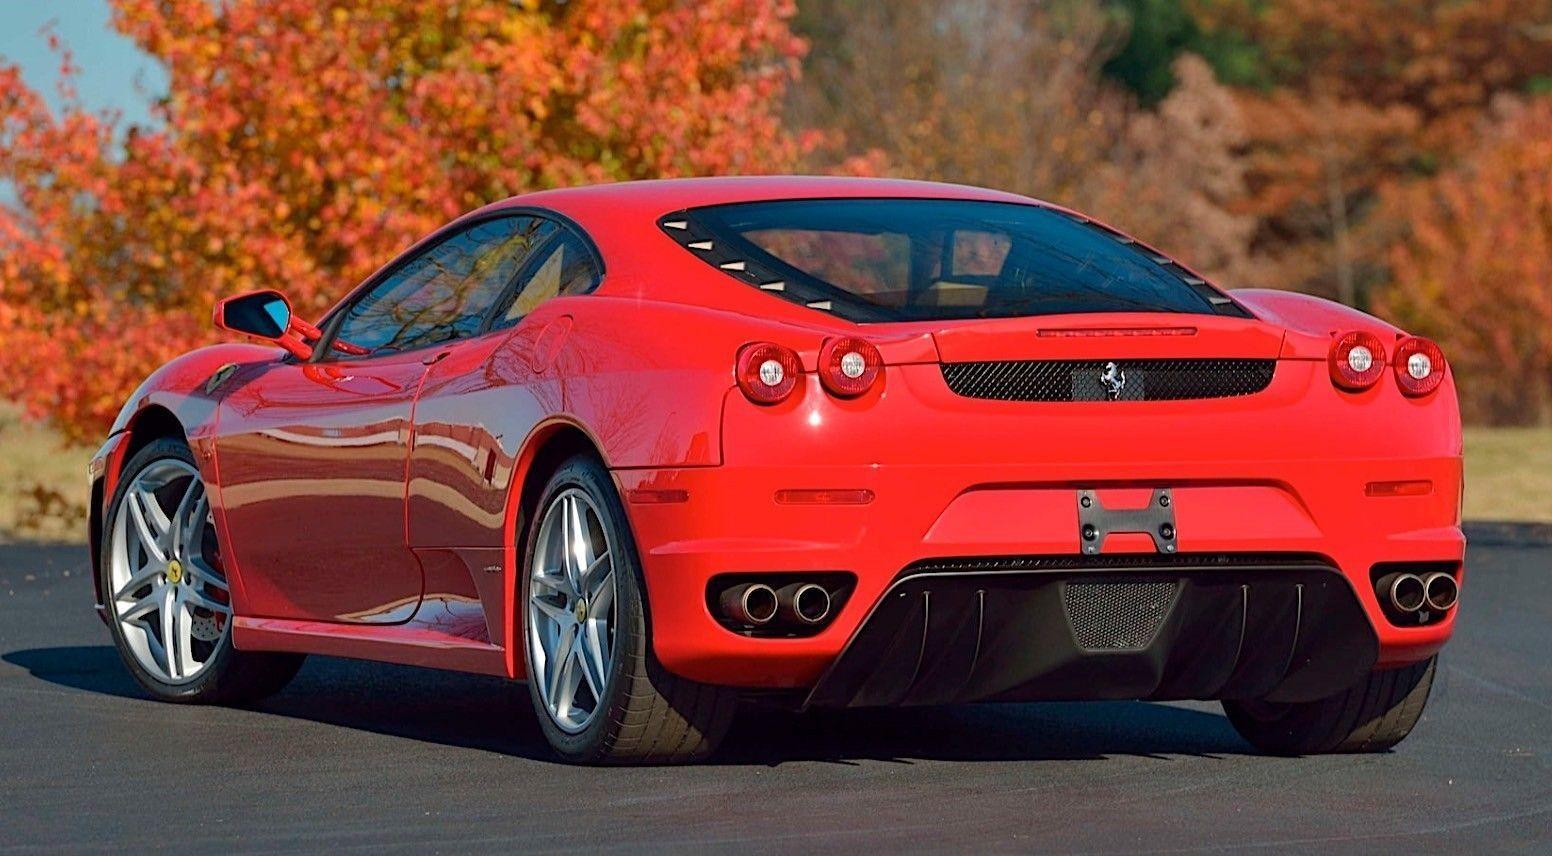 Ferrari Дональда Трампа отправилась на аукцион